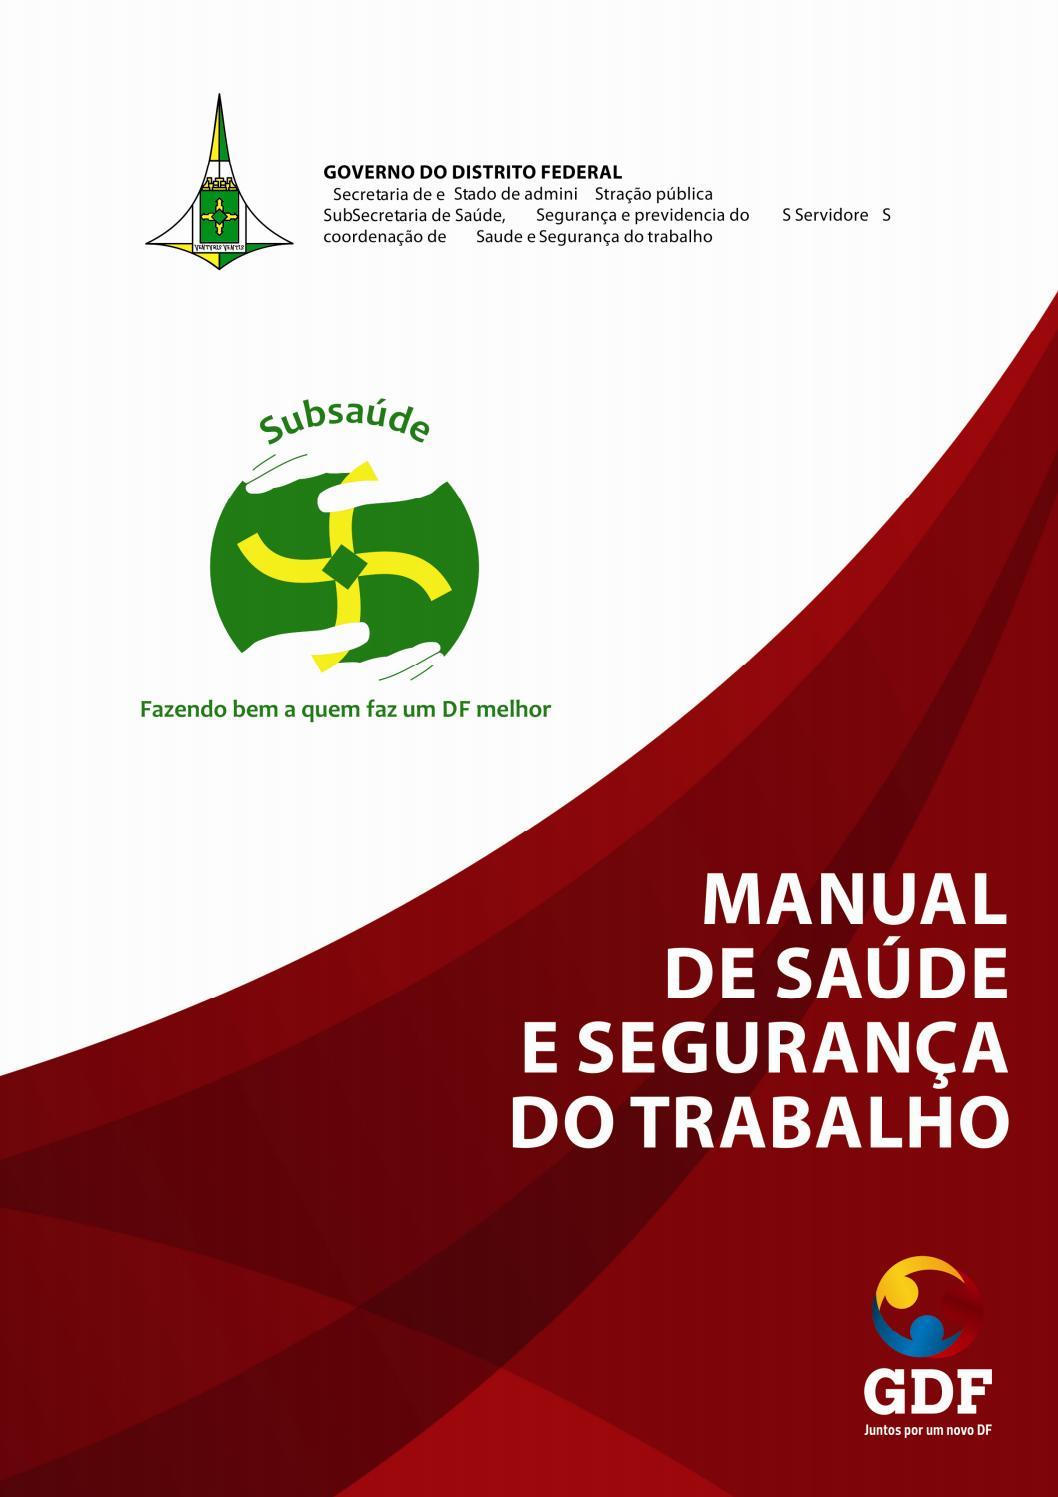 Manual de Saúde e Segurança do Trabalho by jonclash - issuu 9219a80362